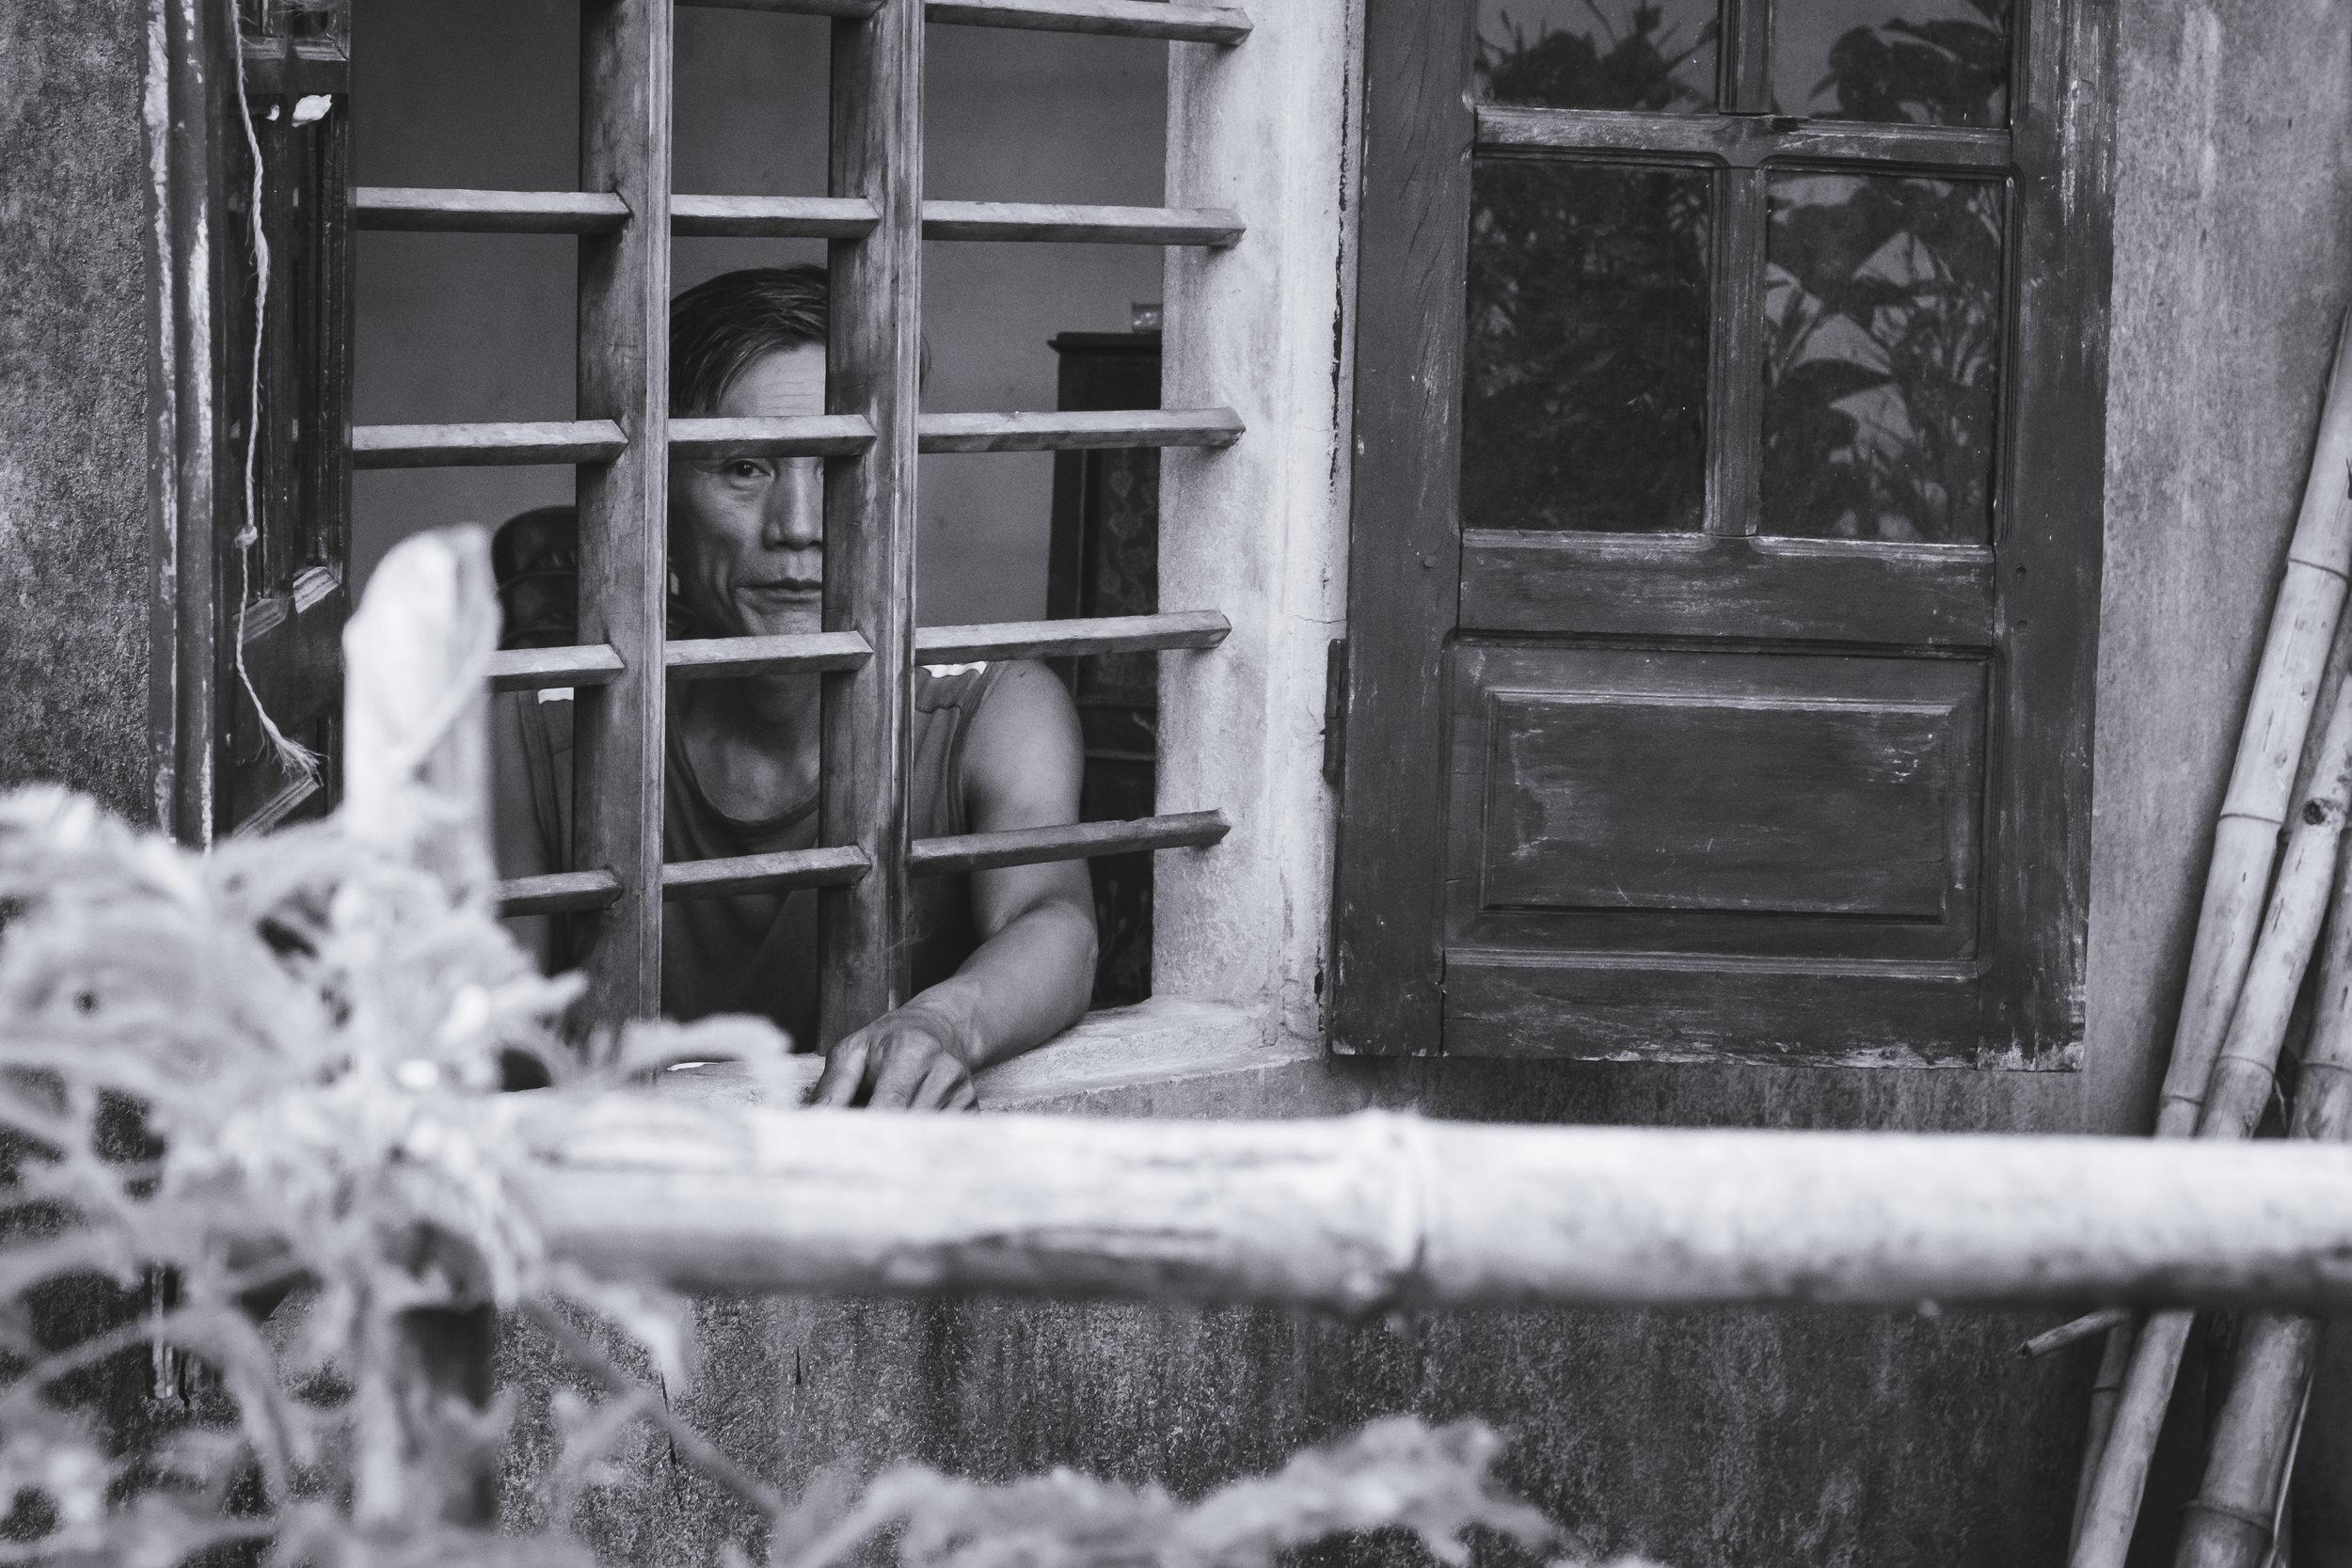 Vietnam-window-looker